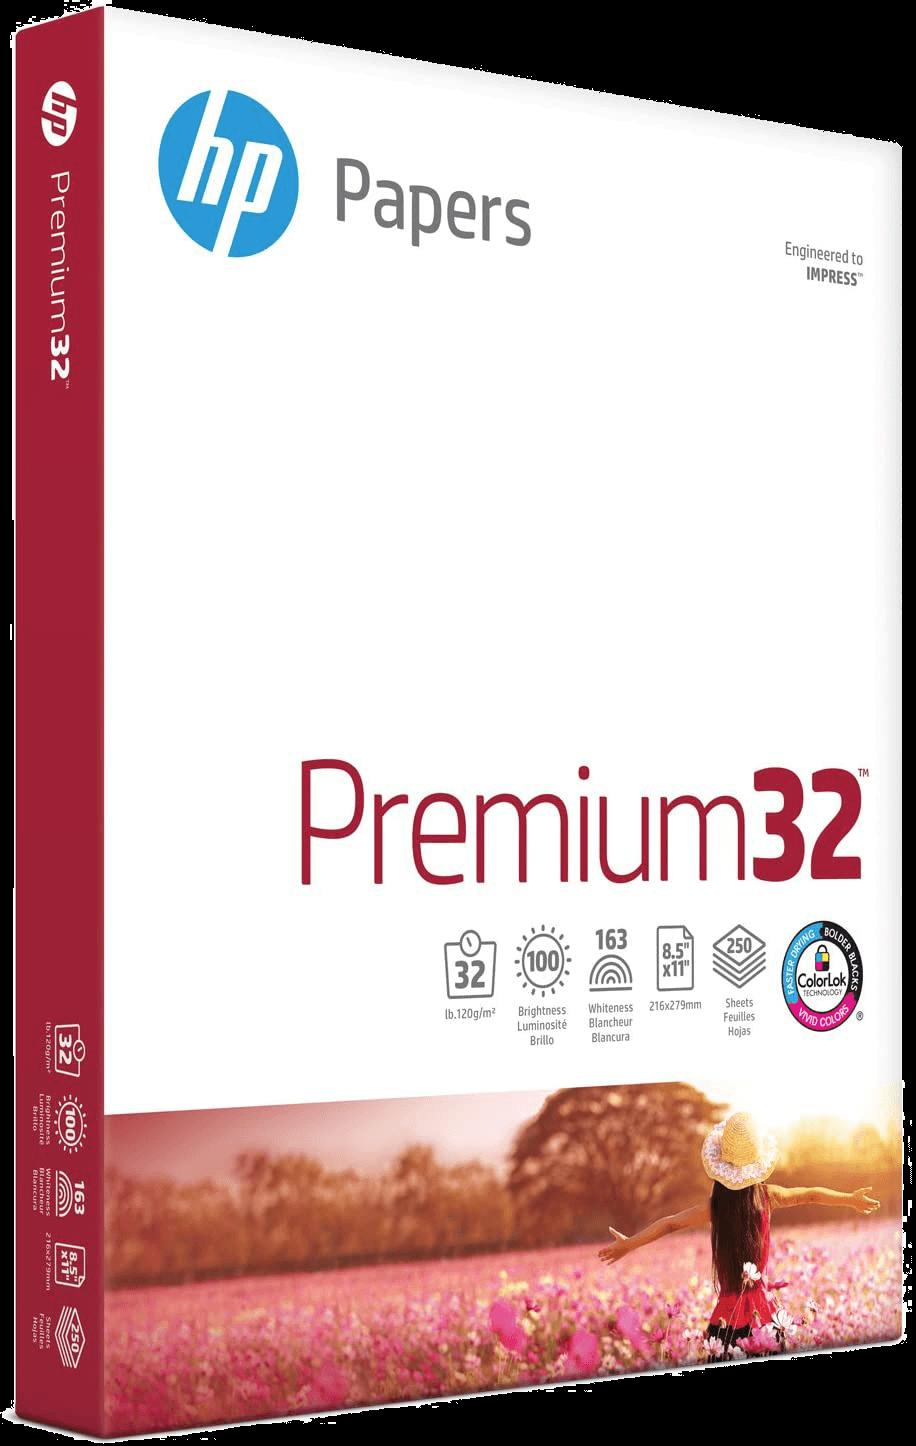 HP Paper (1)